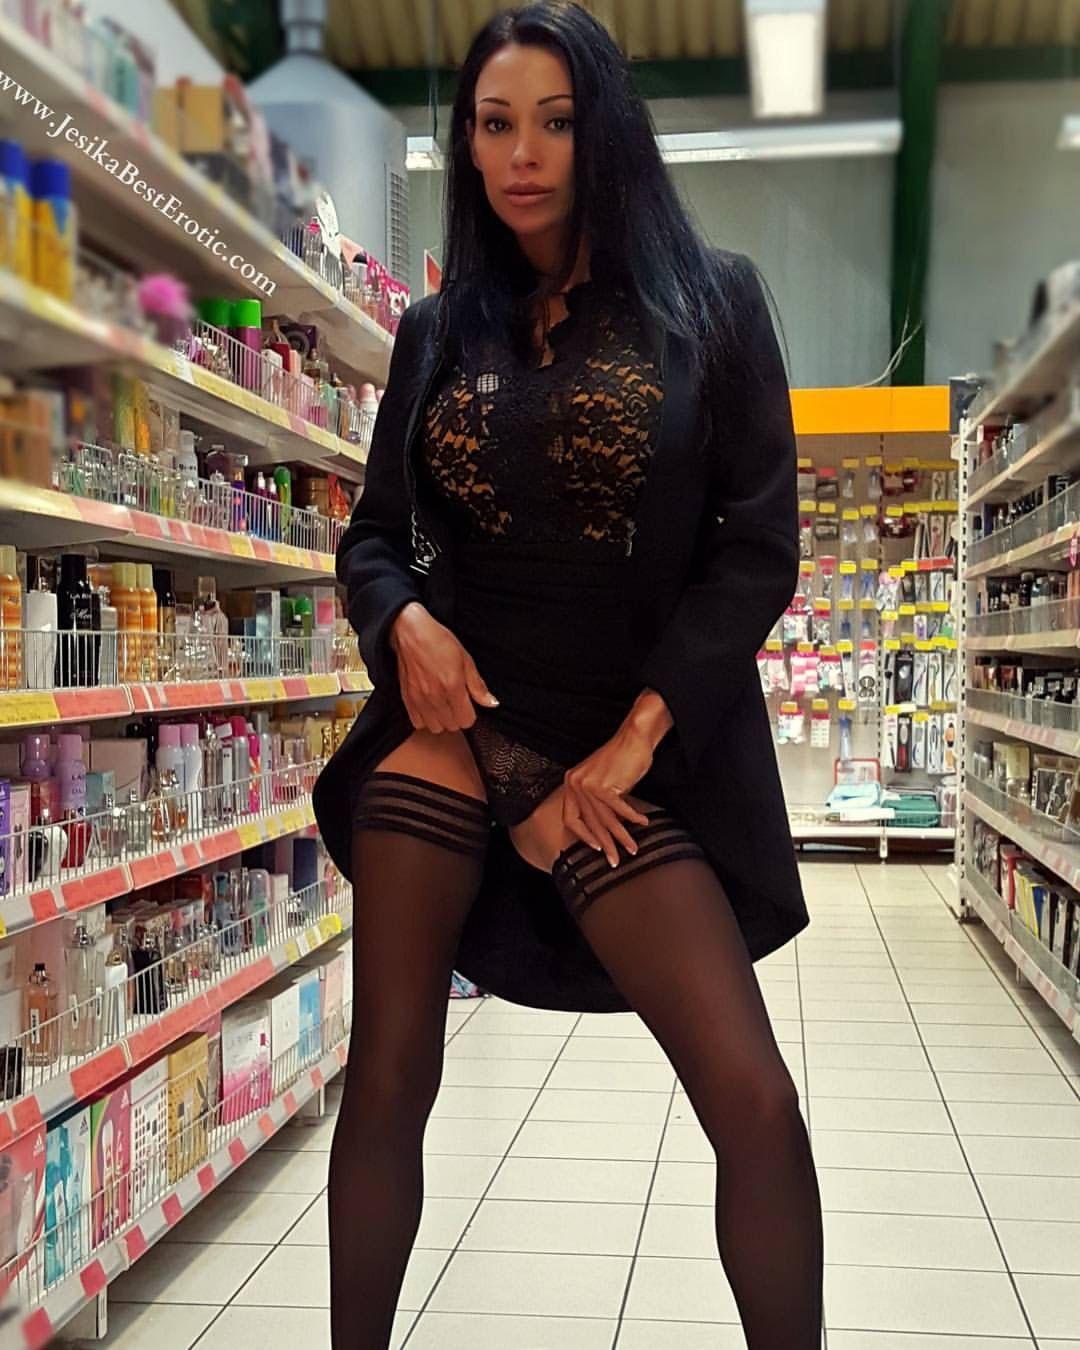 Einkaufen frivol Lieb, frech